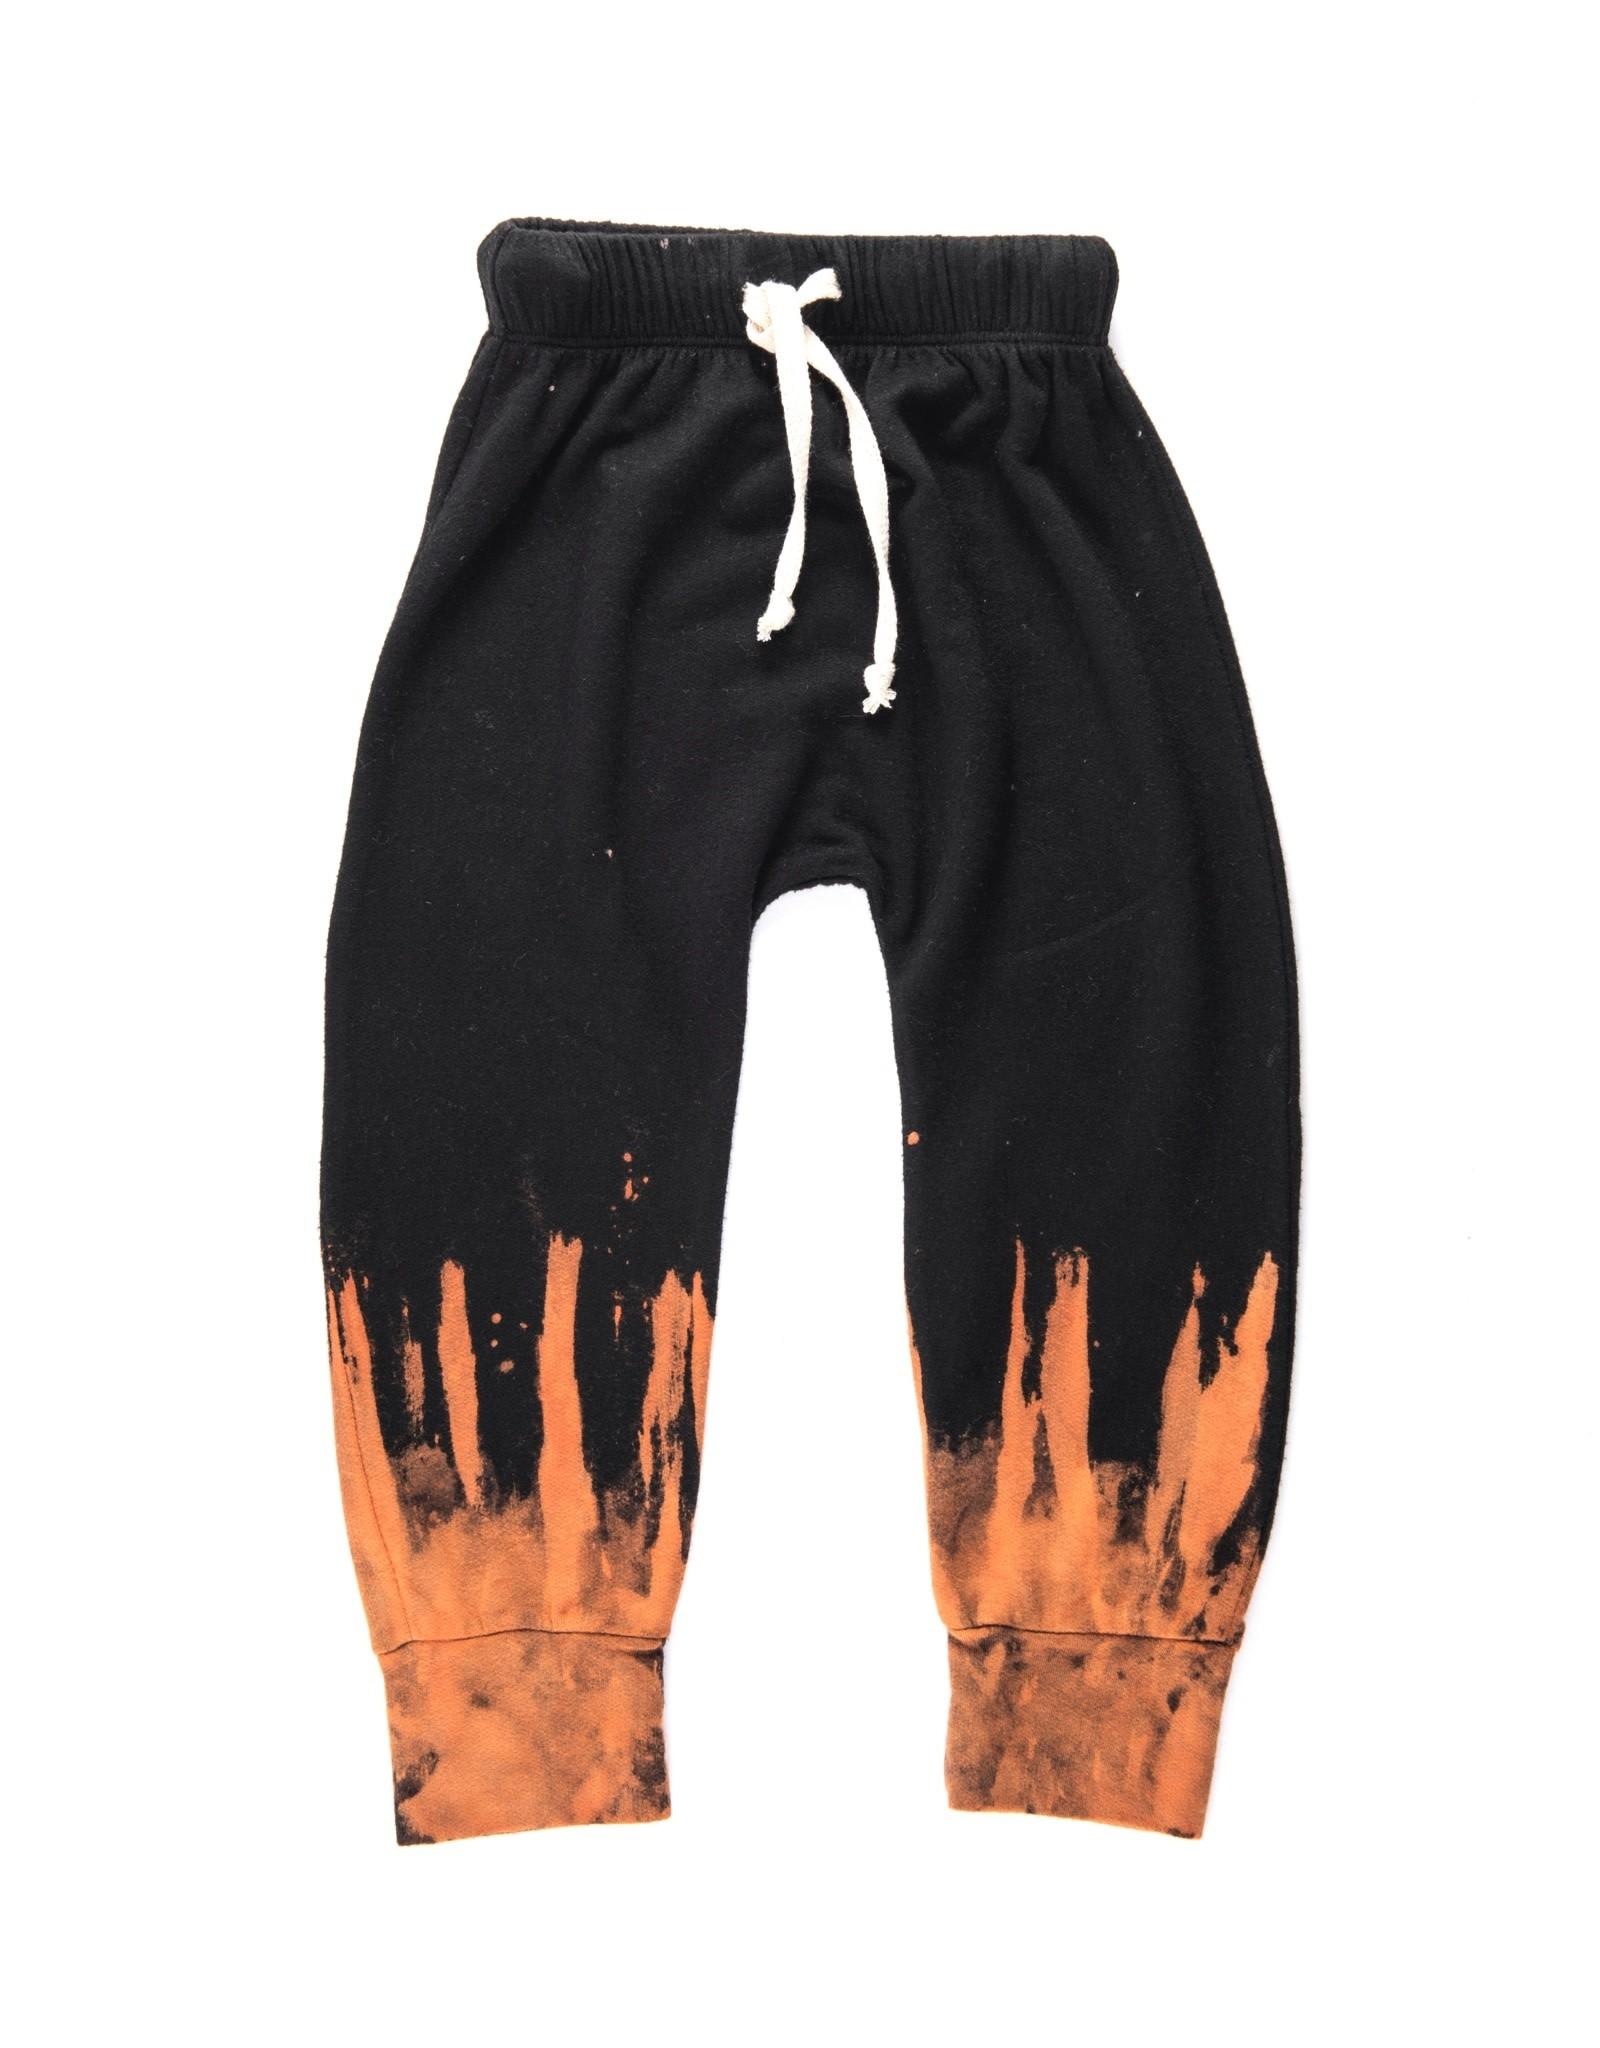 Fairwell Fire Cozy Pants